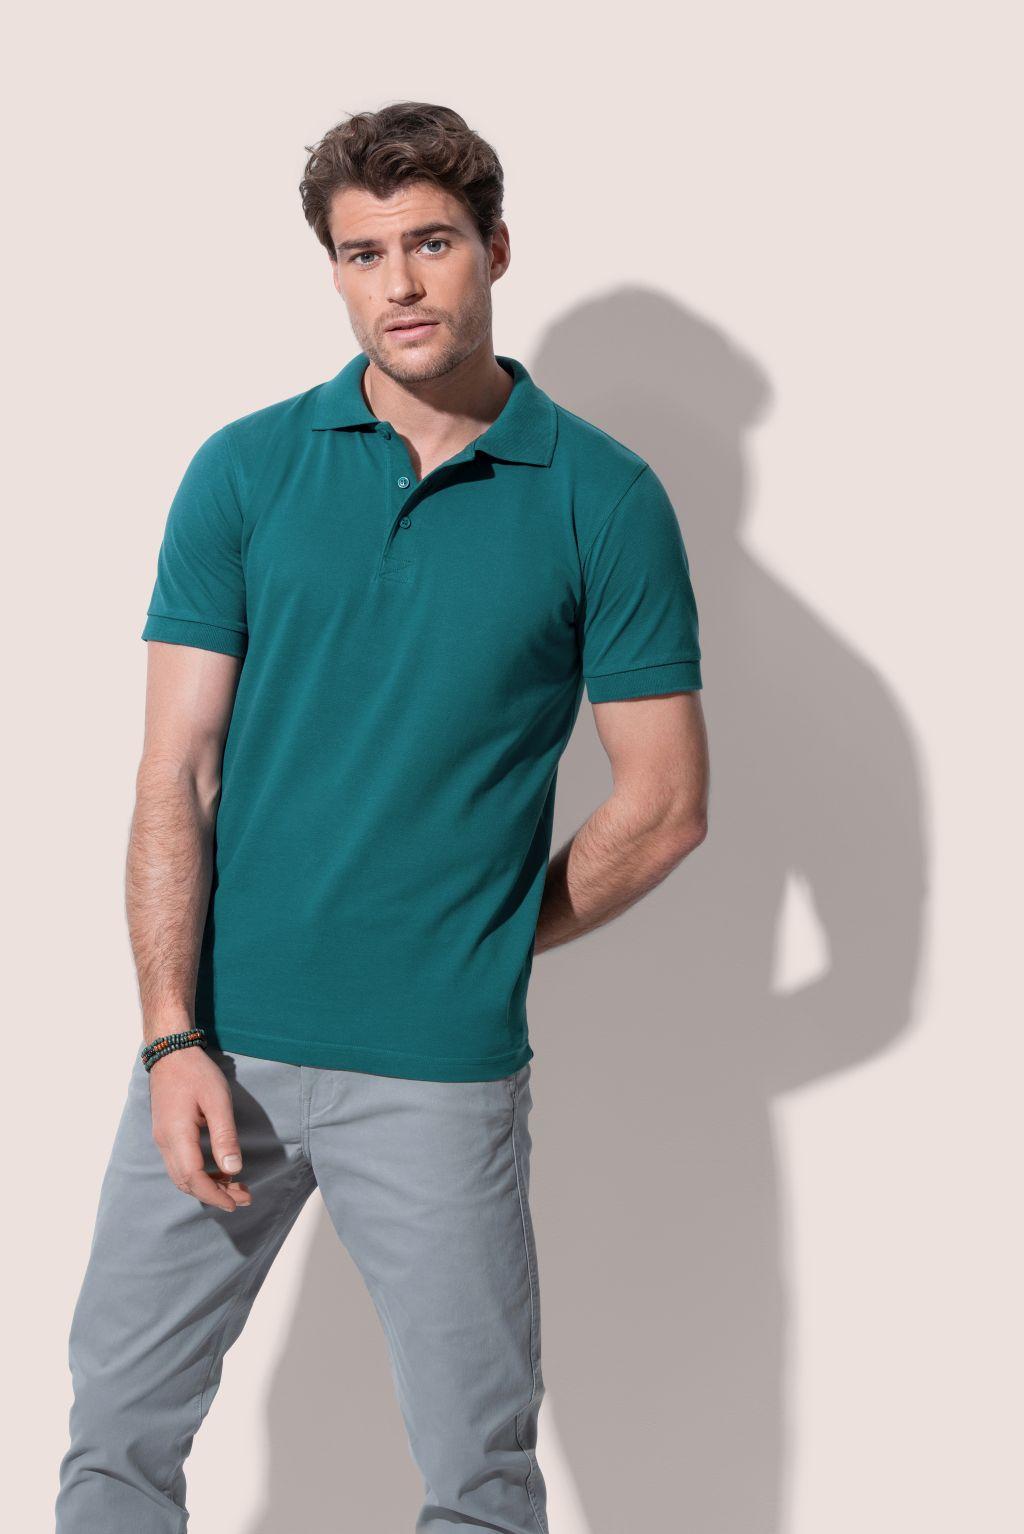 Majica, KR, Stedman Polo, HARPER, 180 gr